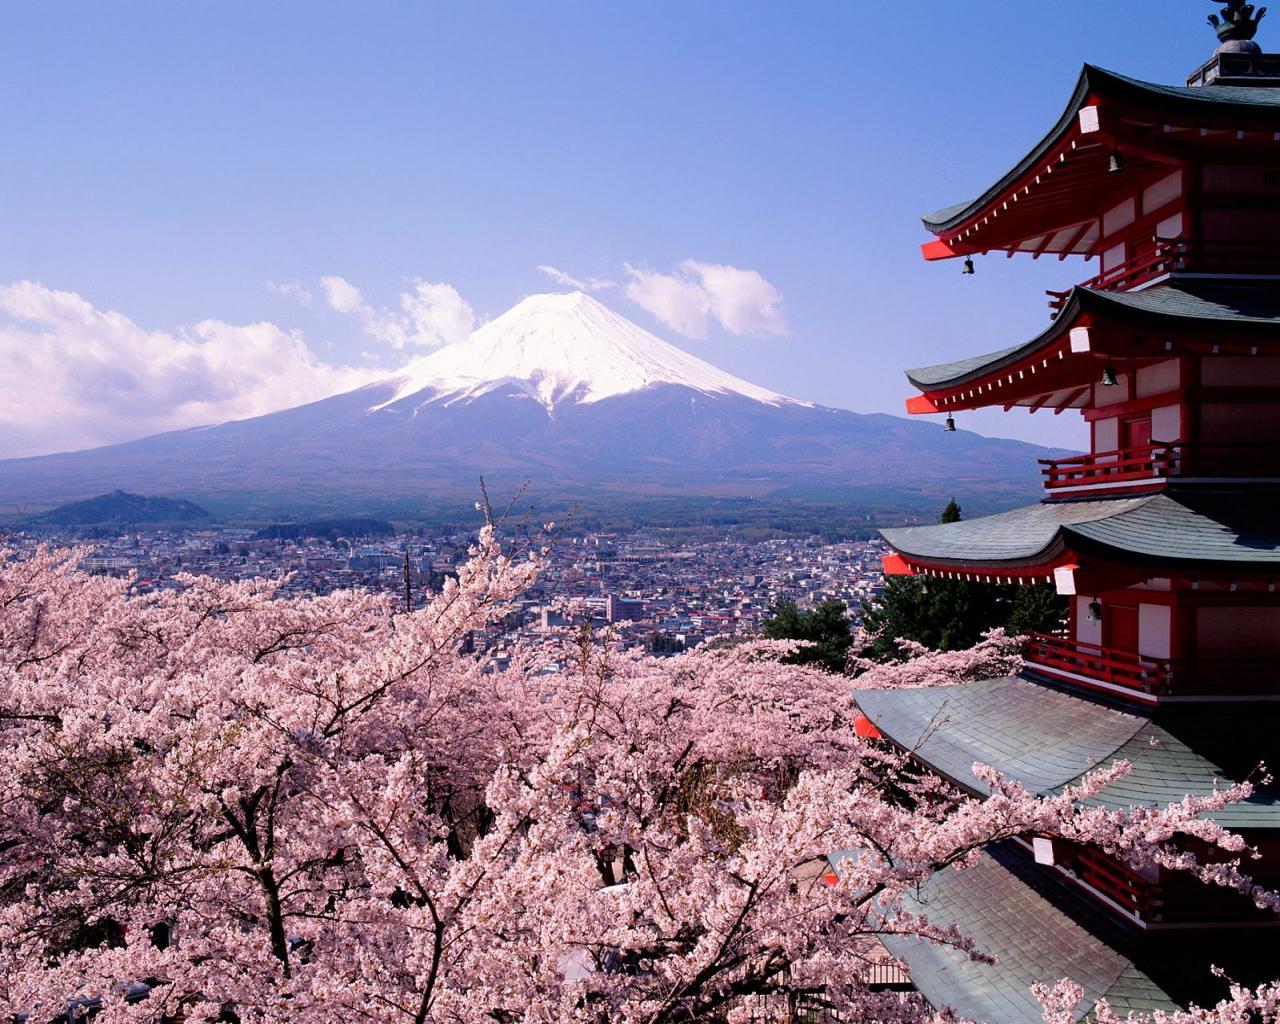 10 tägige Flugrundreise China & Japan inkl. zentralen Hotels, Fahrt mit Shinkansen + Besuch der Chin. Mauer